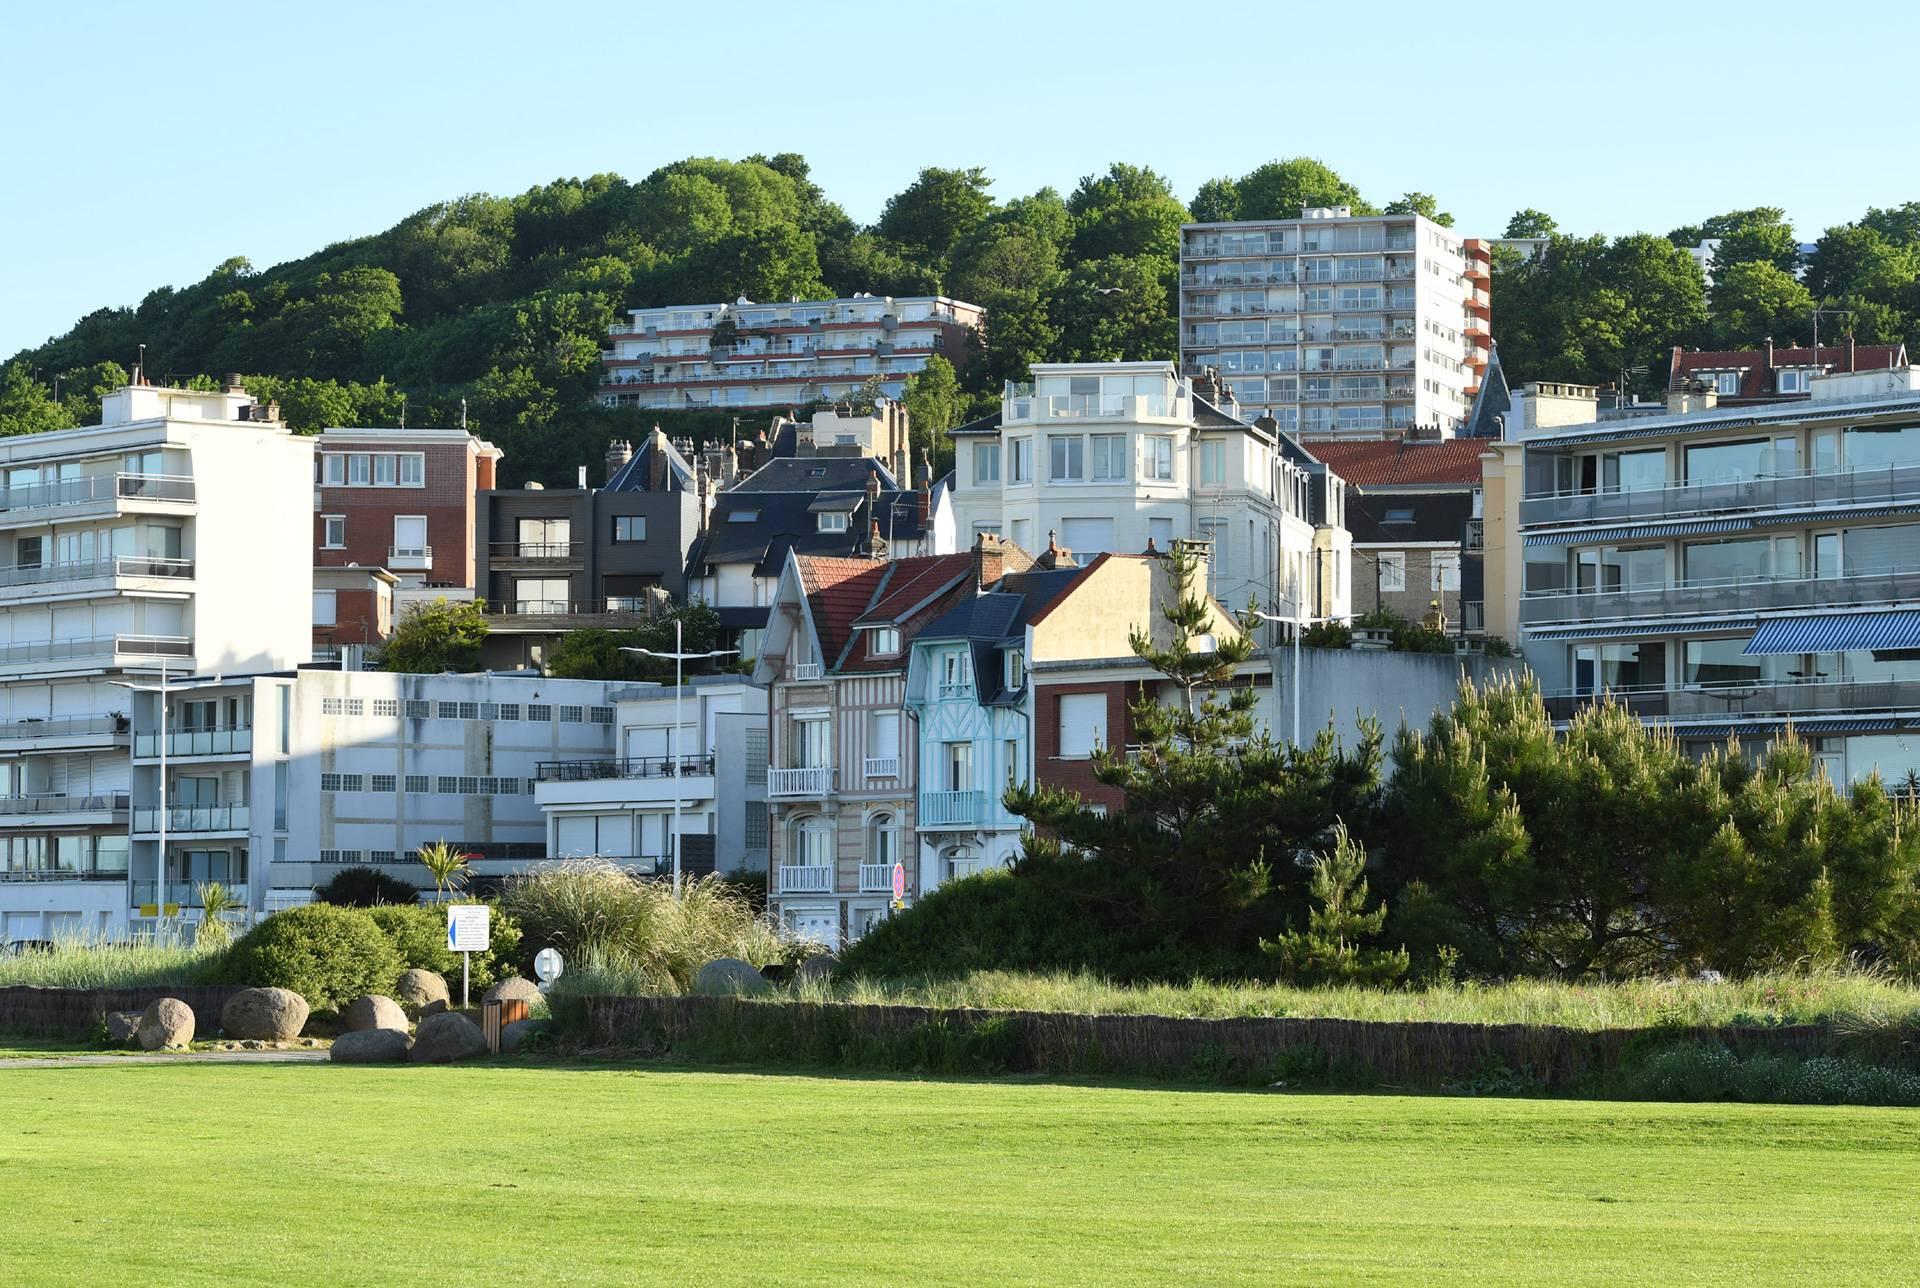 Trouvez votre bien au sein de nos 6 agences immobilières sur Le Havre et sa périphérie